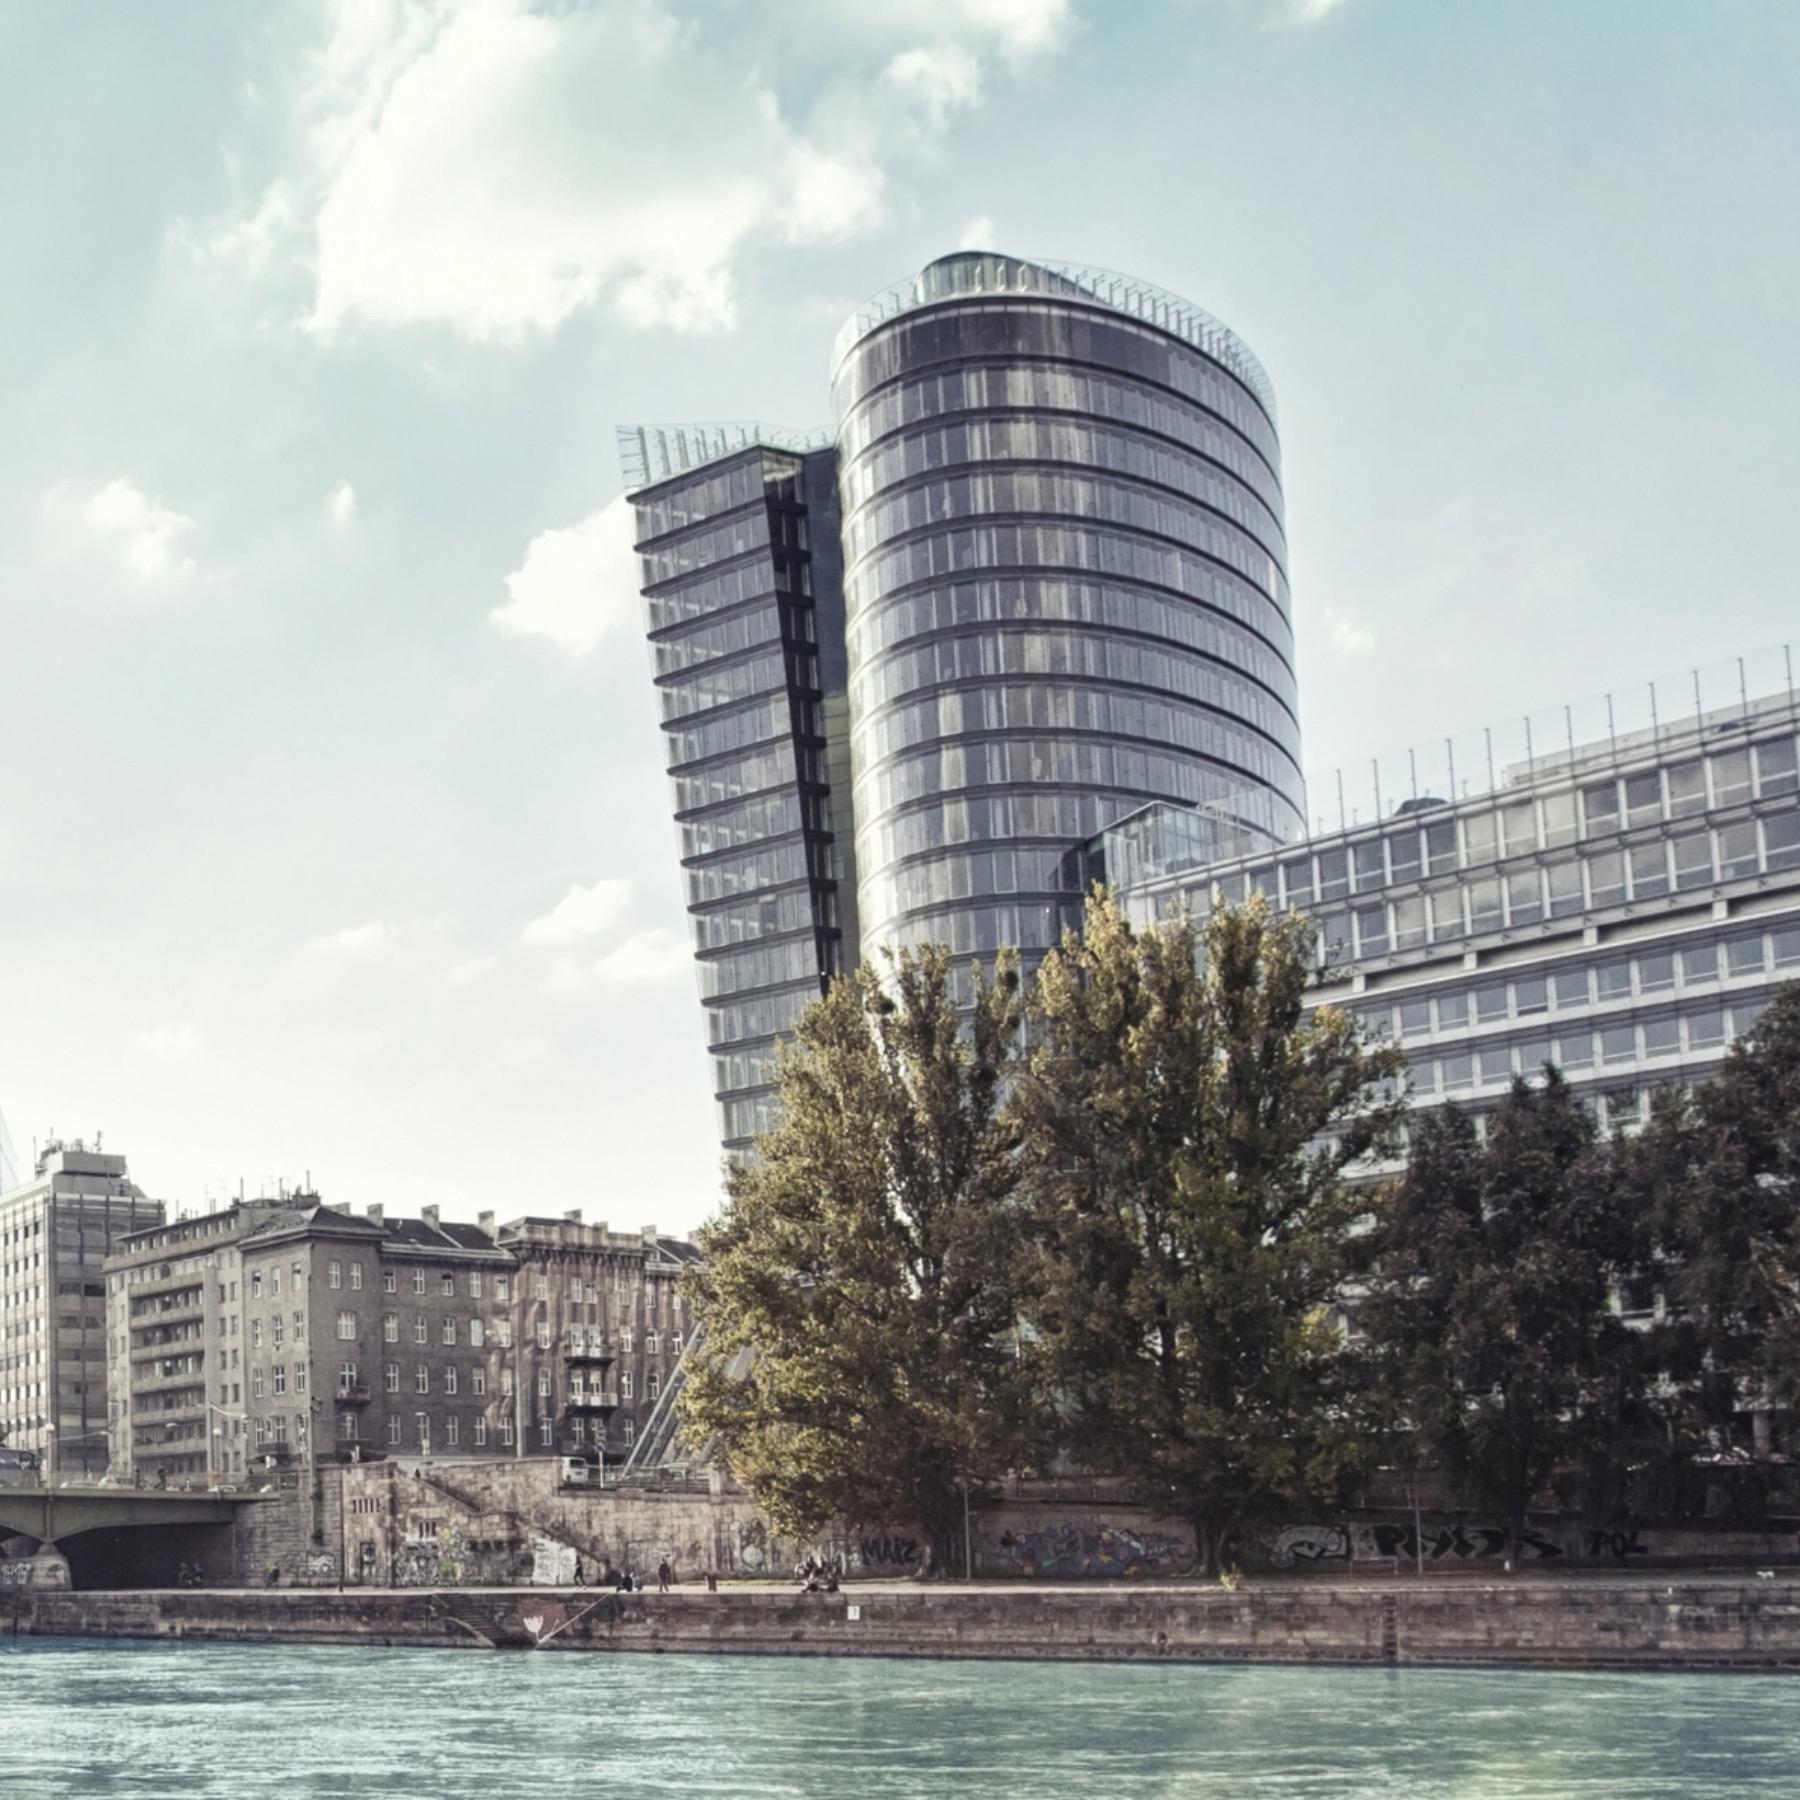 Uniqa Gebäude in Wien mit Donau und Altbauten